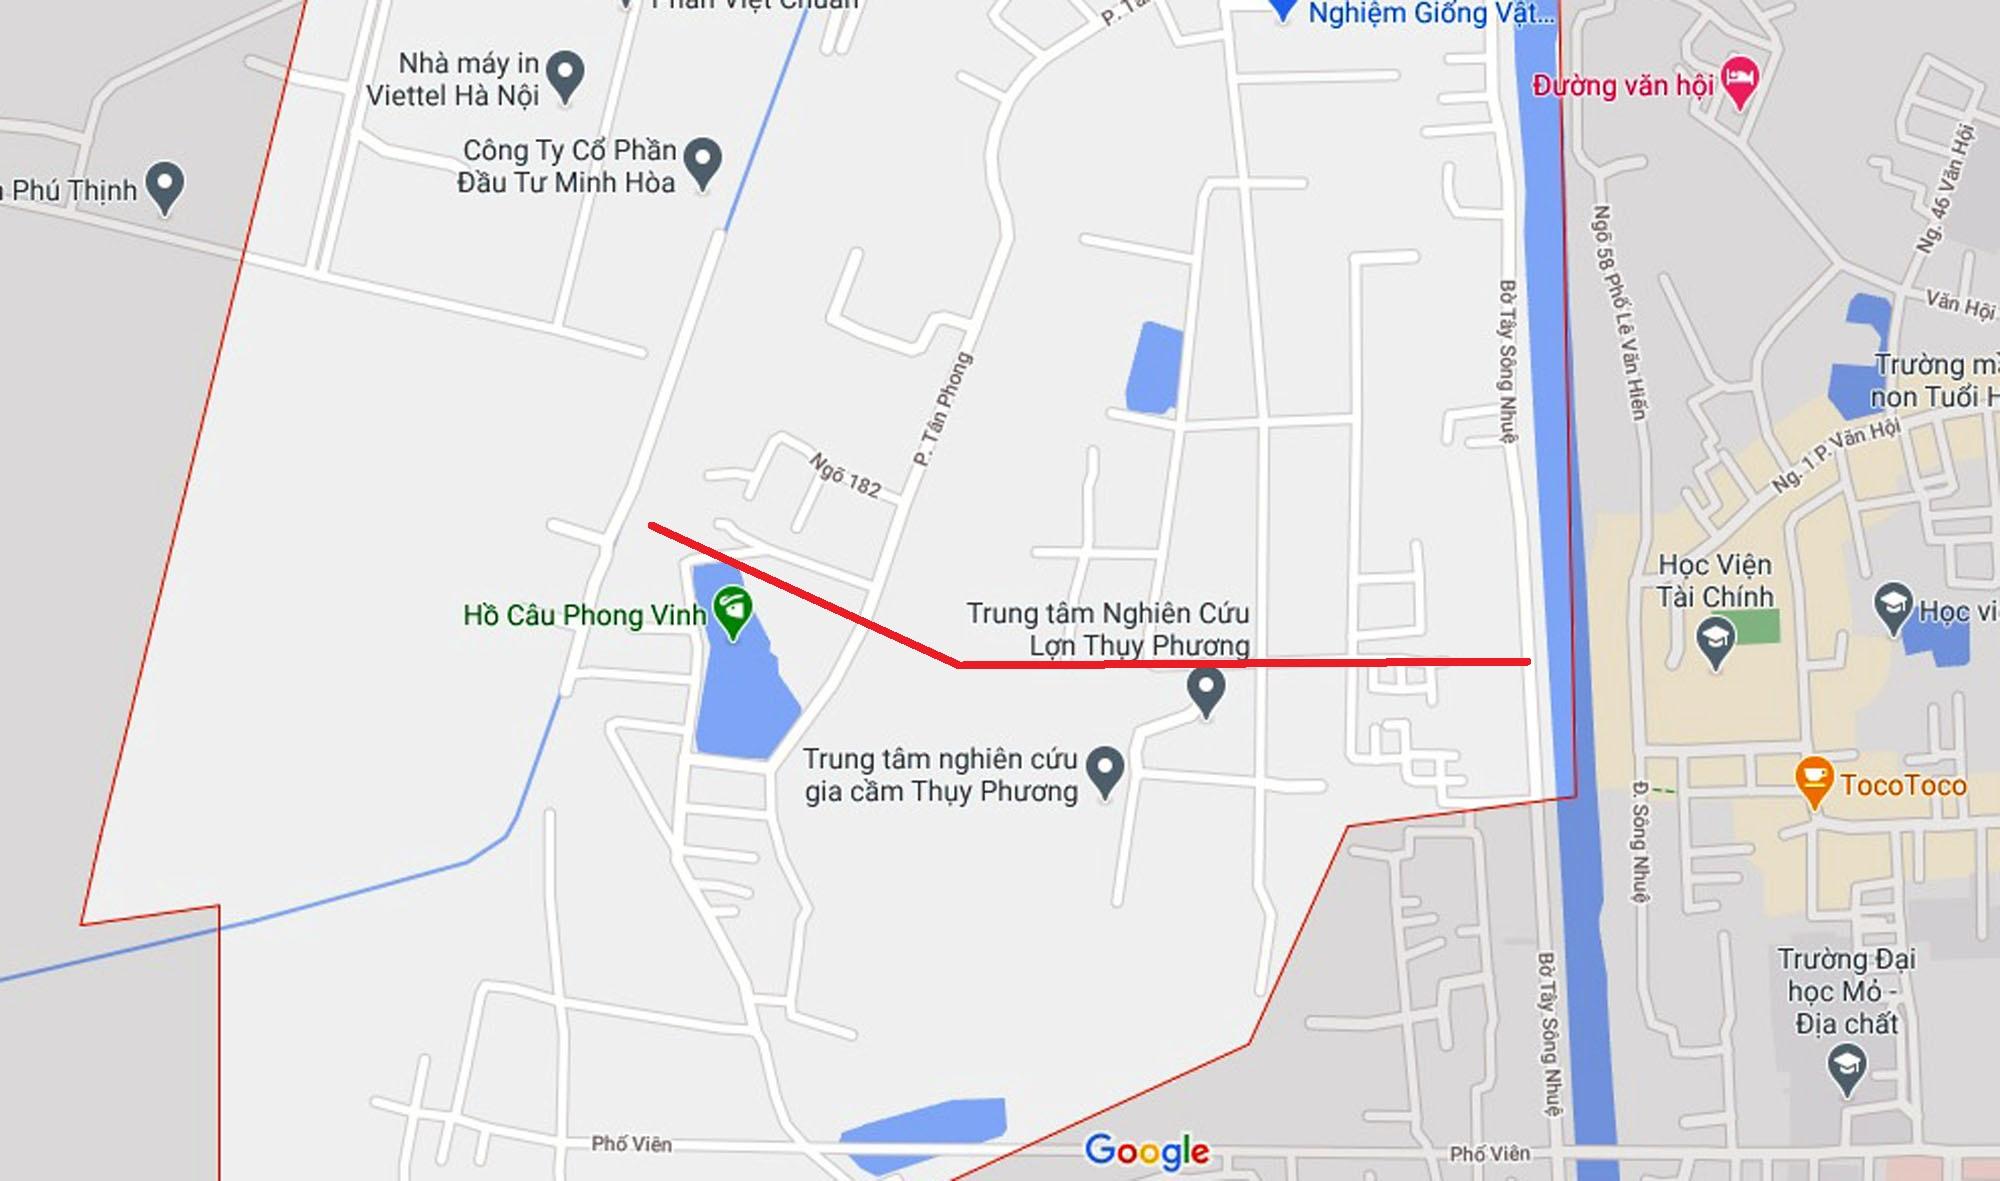 Ba đường sẽ mở theo qui hoạch ở phường Thụy Phương, Bắc Từ Liêm, Hà Nội (phần 2) - Ảnh 6.